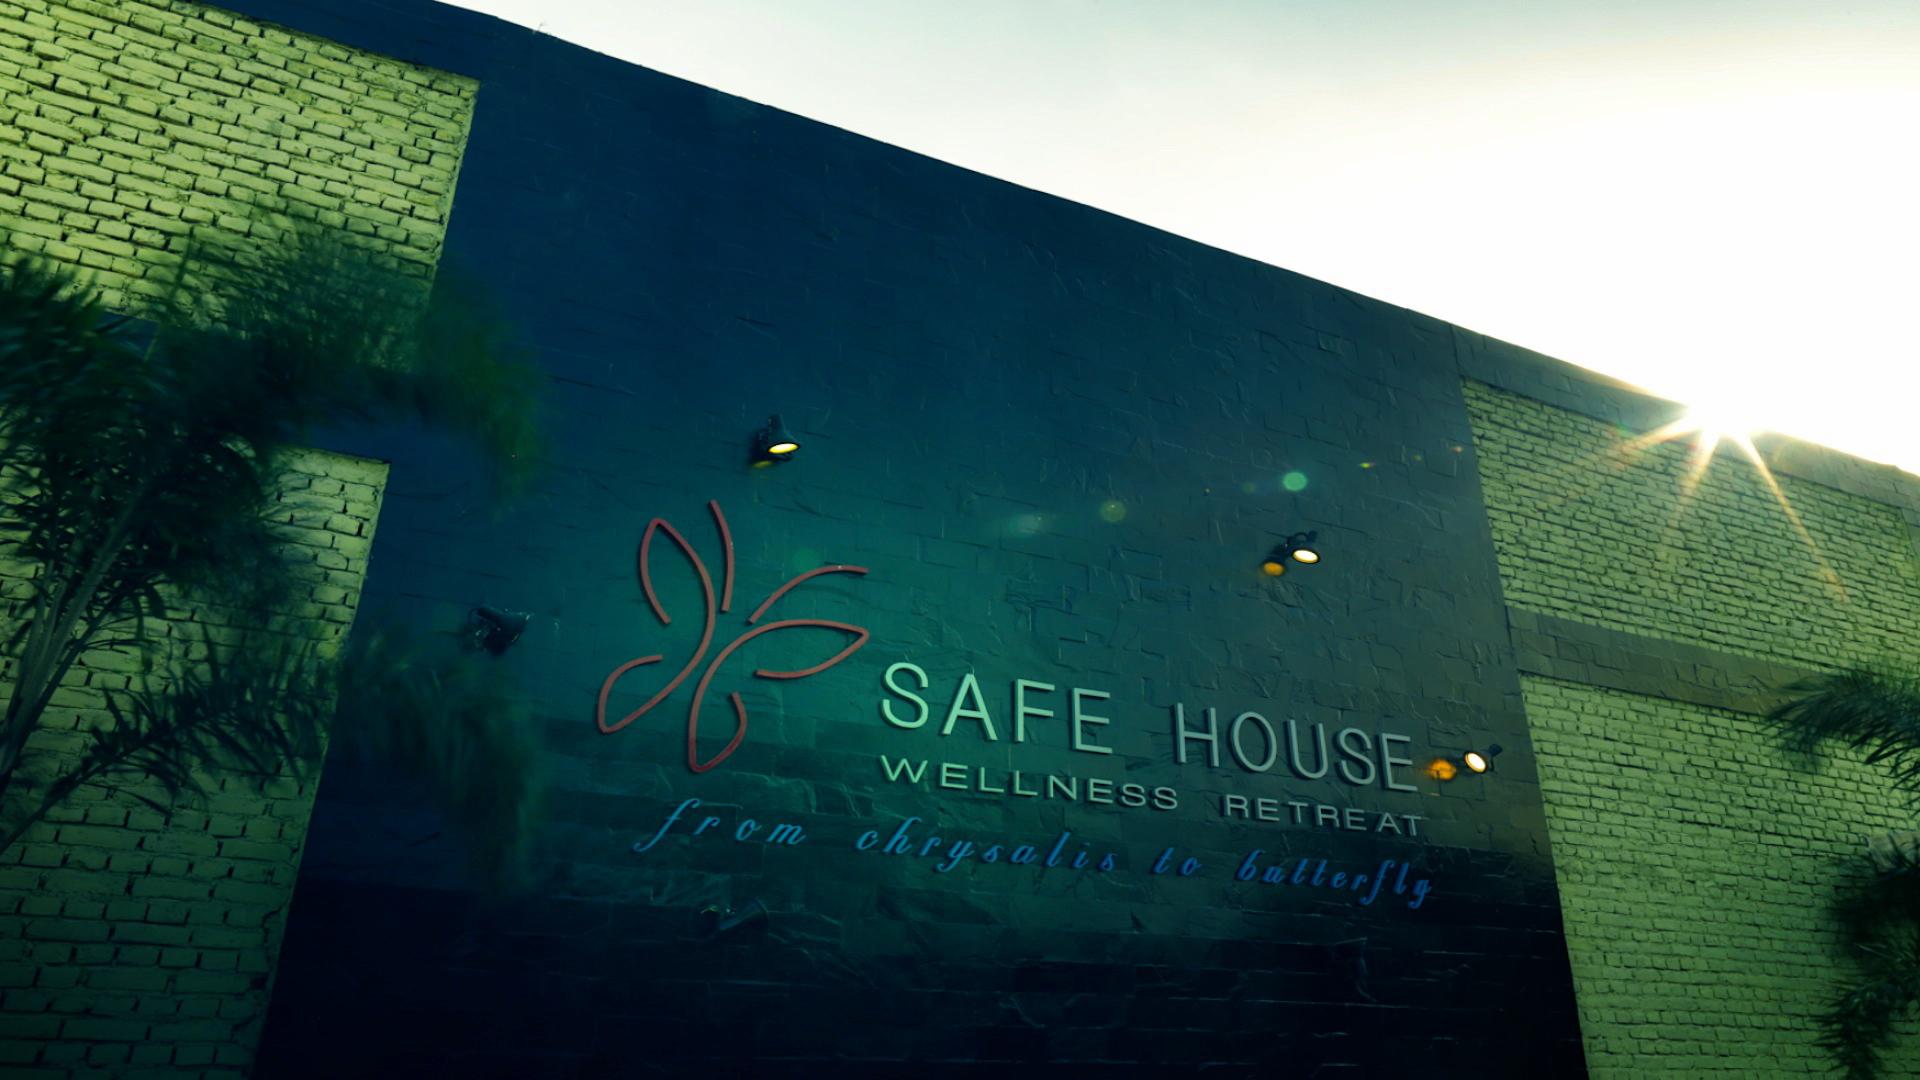 Safe House Wellness Retreat Rehabilitation Centre